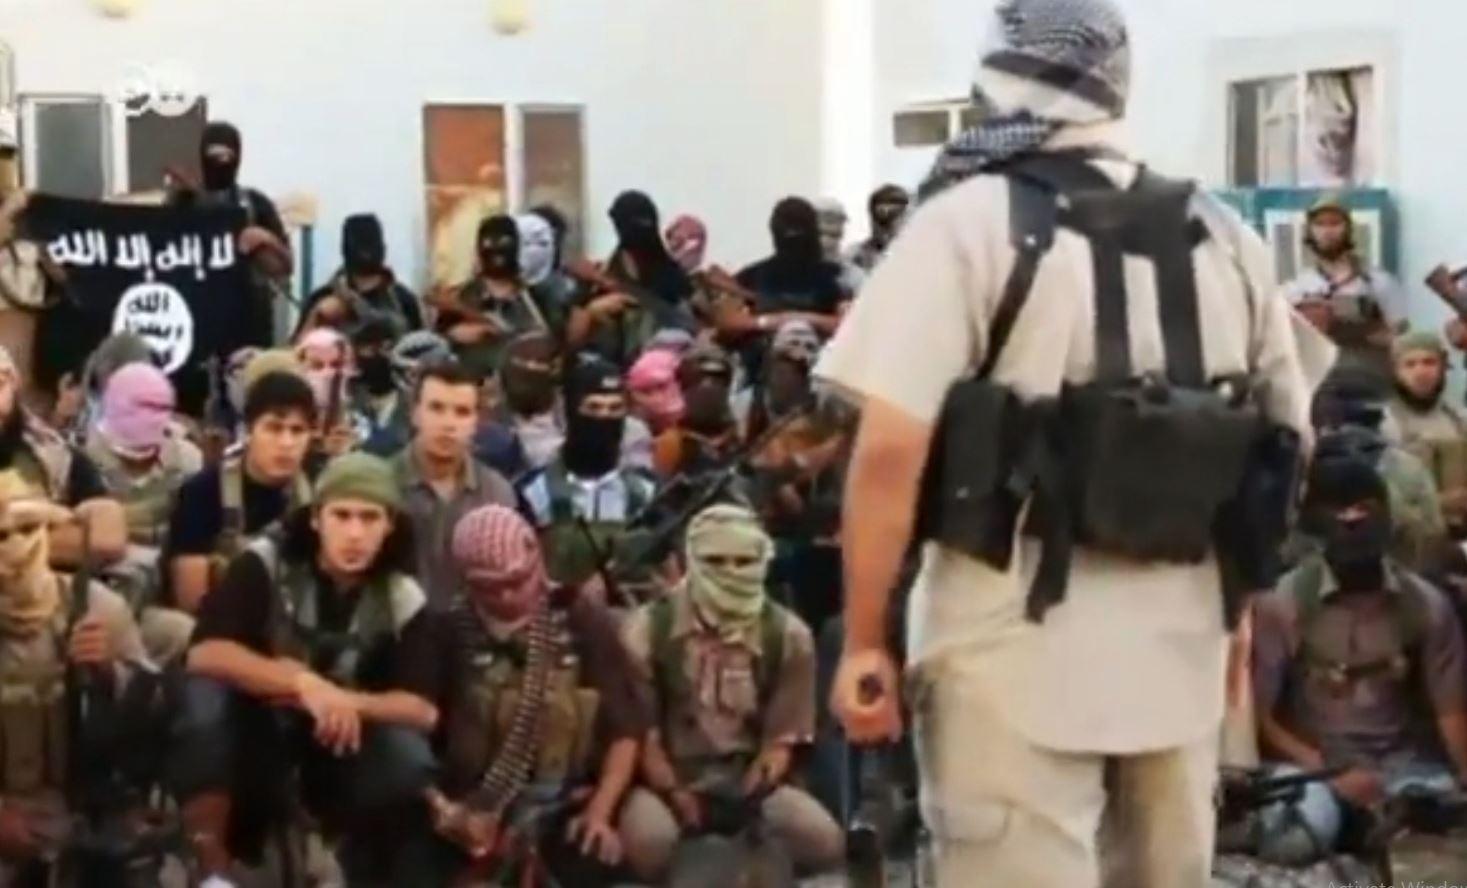 Gjermania dhe Holanda do marrin xhihadistët e dëbuar nga Turqia